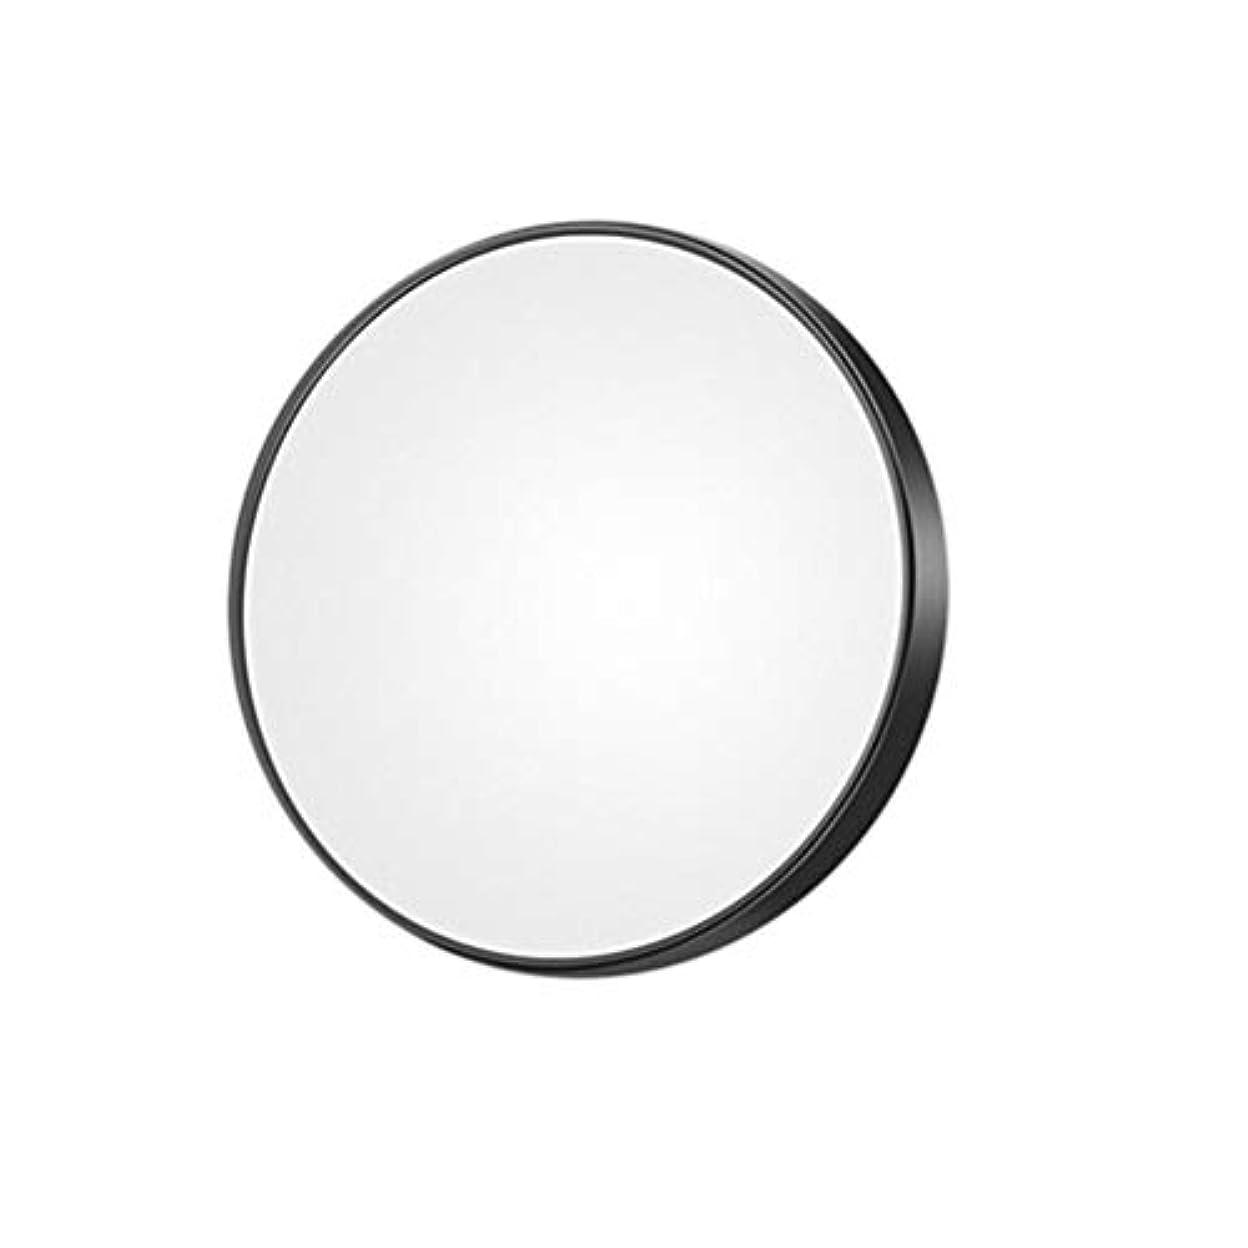 ちょうつがい粒子Lurrose 10倍拡大鏡コンパクト小型丸型吸引カップミラー8.8cm(ブラック)